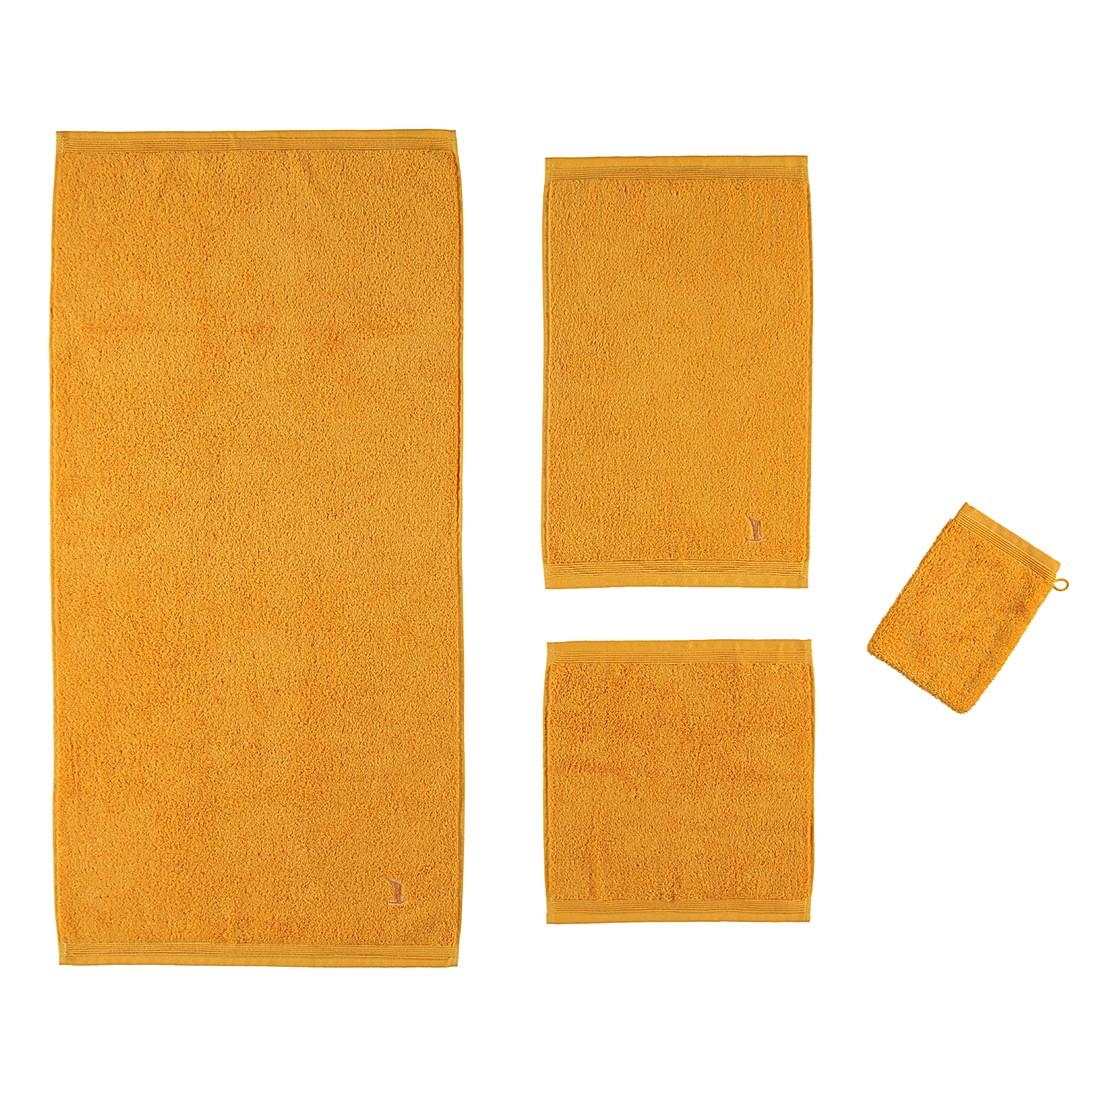 Handtücher Superwuschel – Baumwolle – Saffron – Duschtuch 80×150 cm, Möve jetzt kaufen